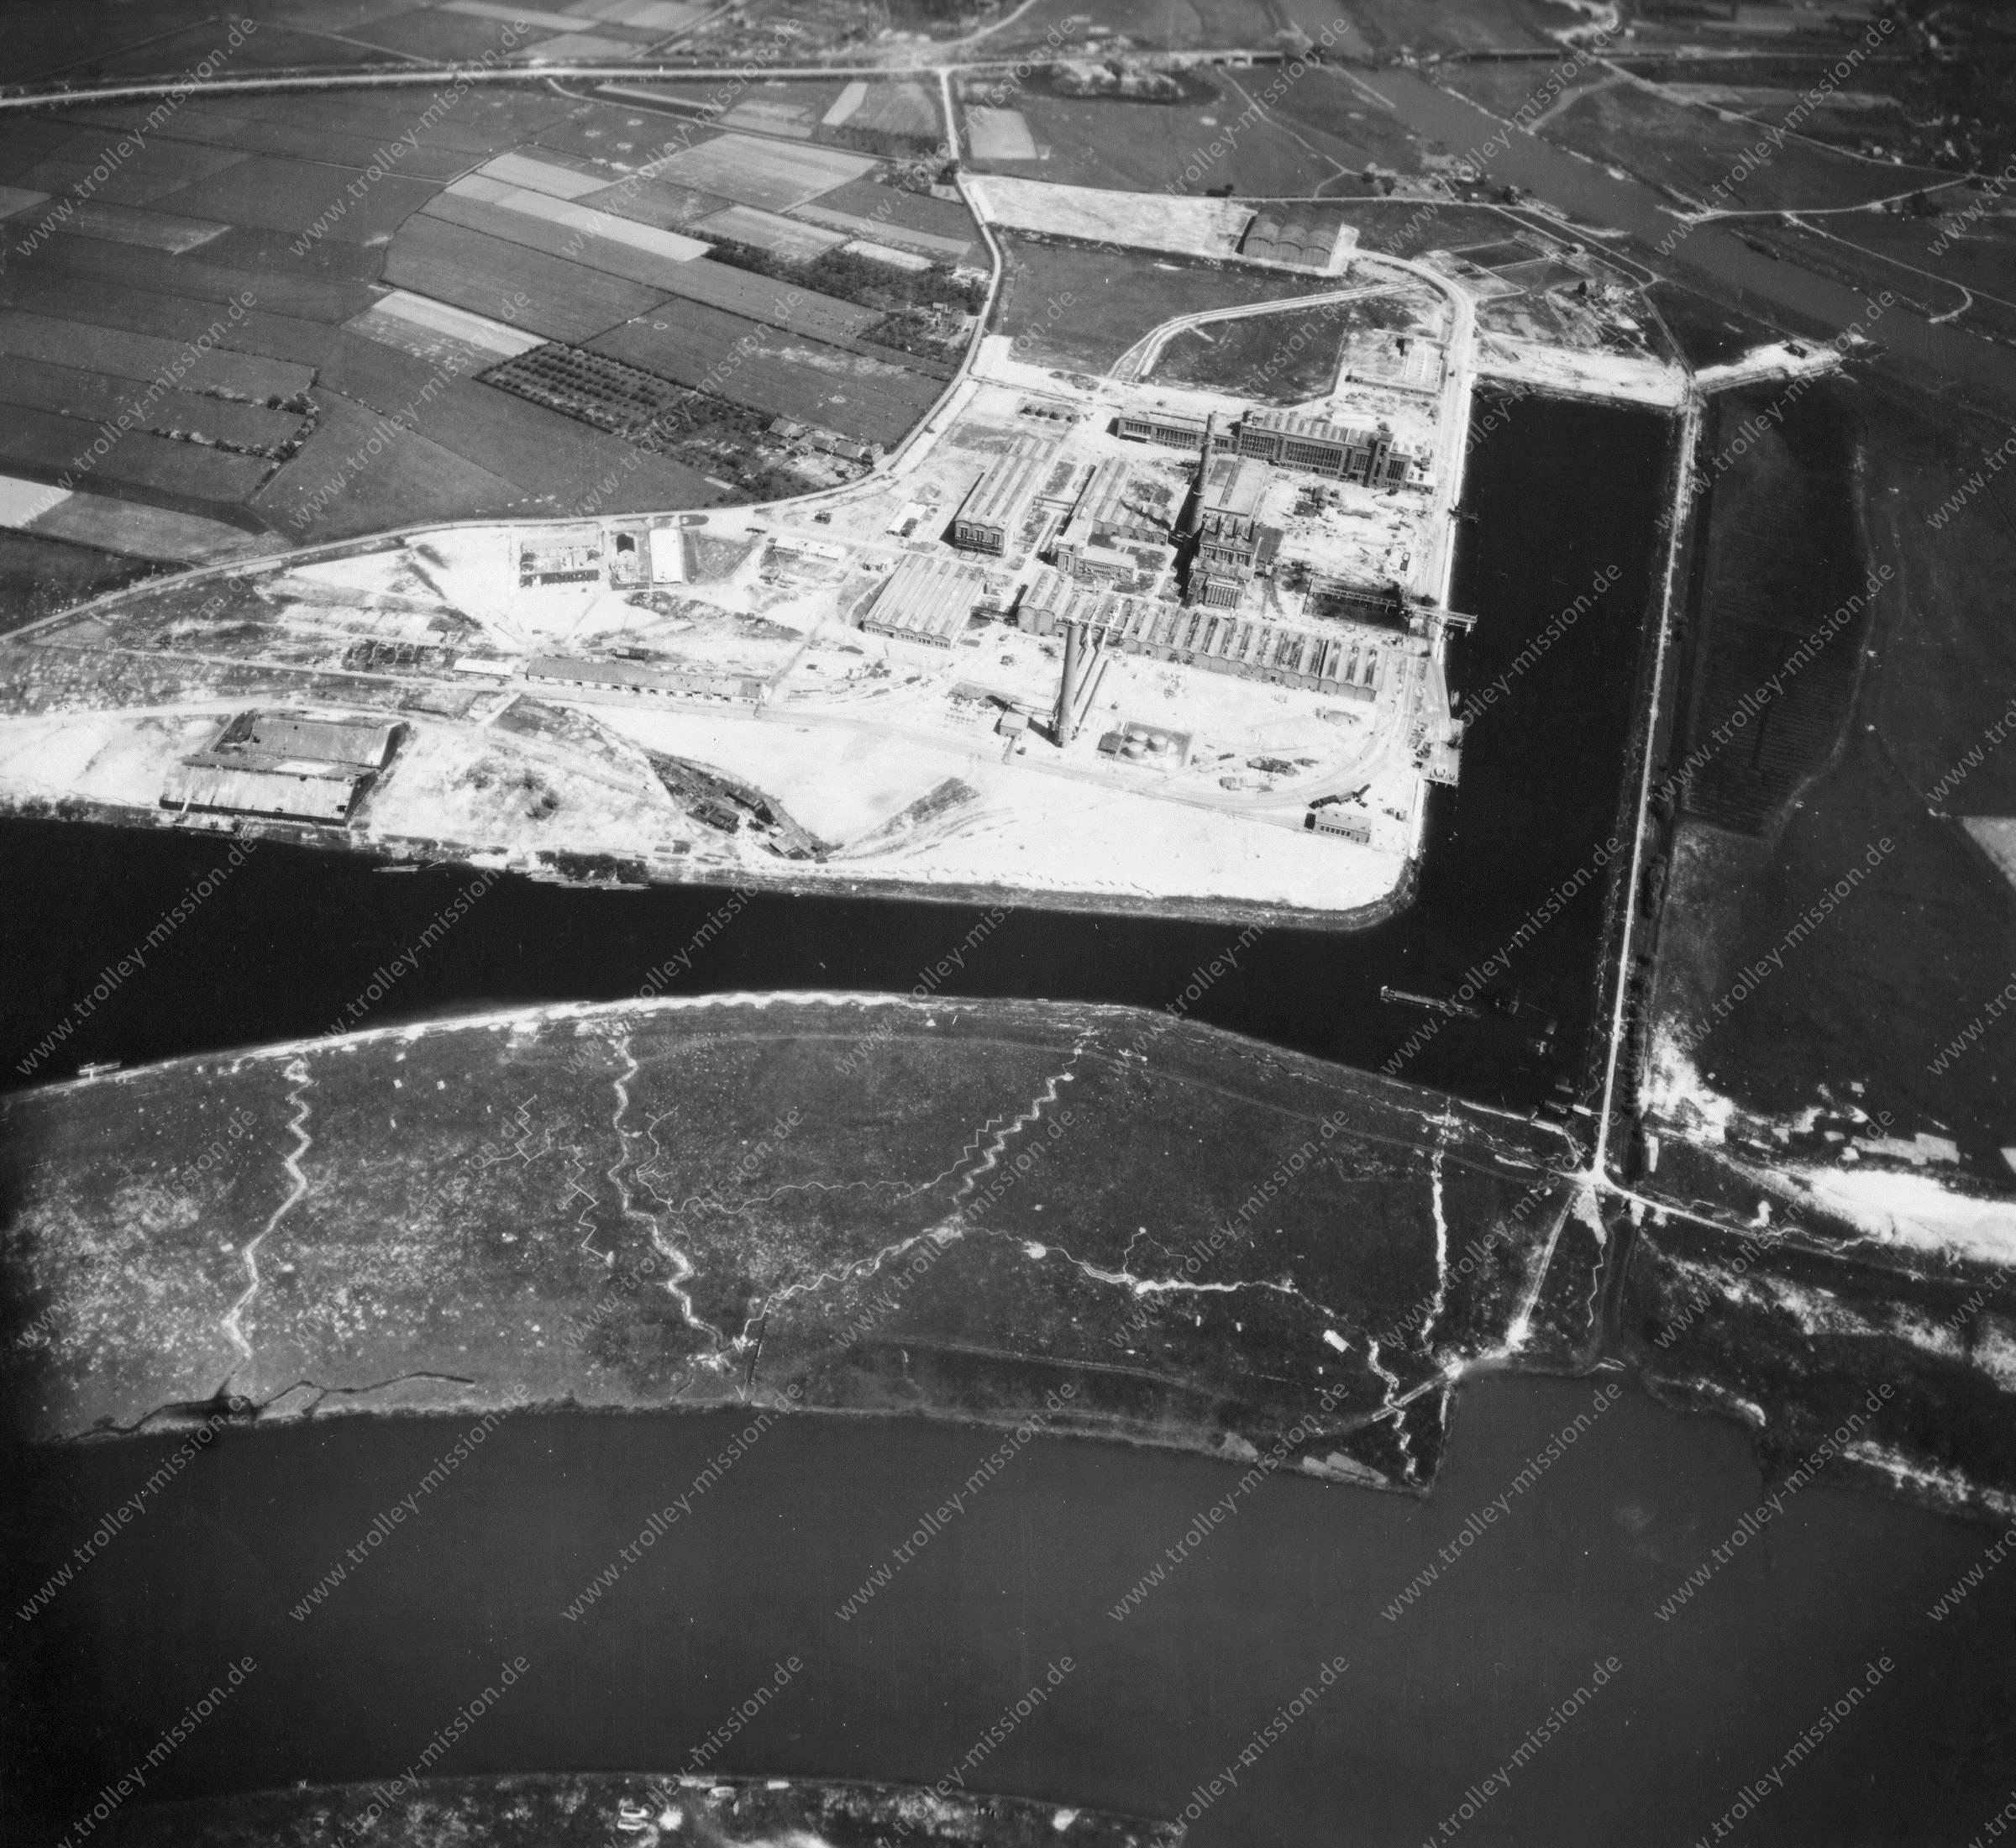 Nieuwe Haven Arnheim - Luftbild Mai 1945 - Luftbildserie 2/5 der US Air Force (Niederlande)